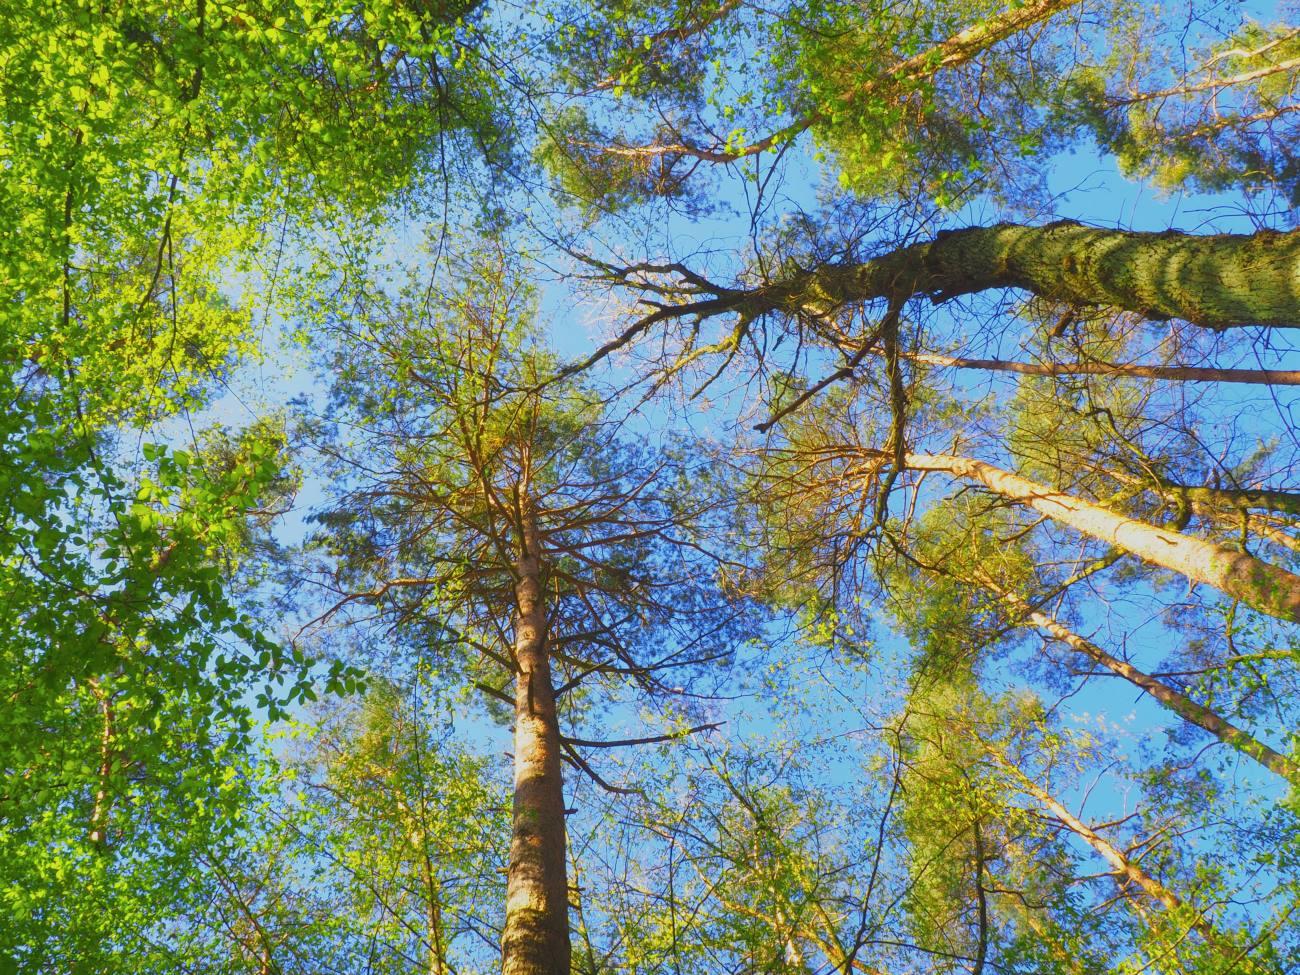 Baumkronen: Arbeitsort der Baumkletterer und Baumpfleger